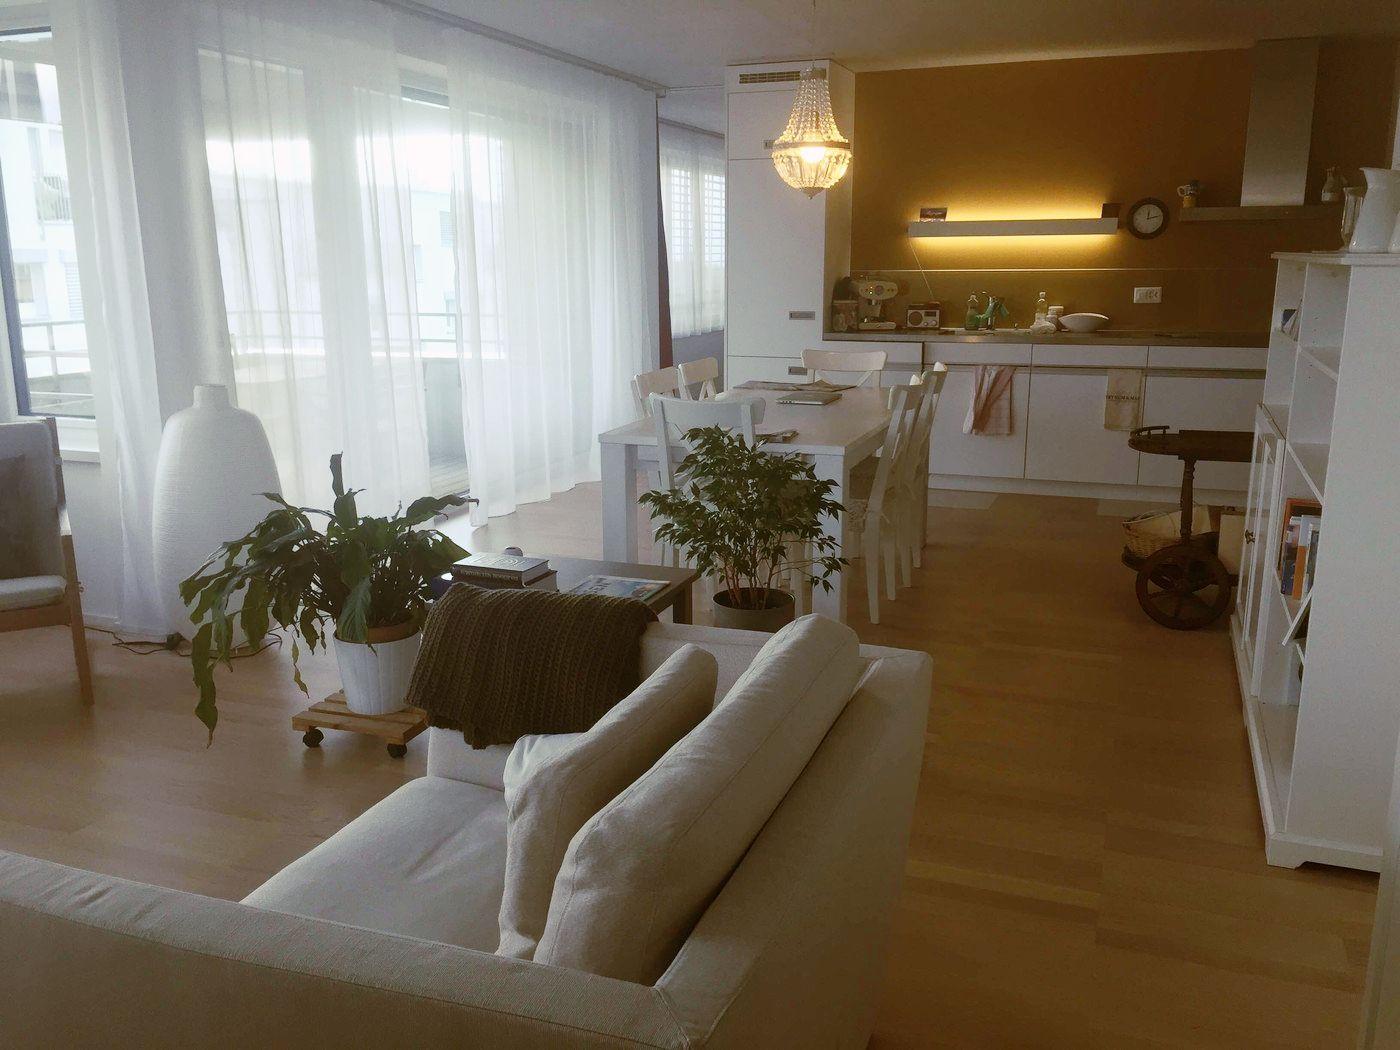 Gemutliche 2 5 Zimmerwohnung In Zurich Flatfox Ch 6183 Wohnung Wohnung Mieten Zimmer